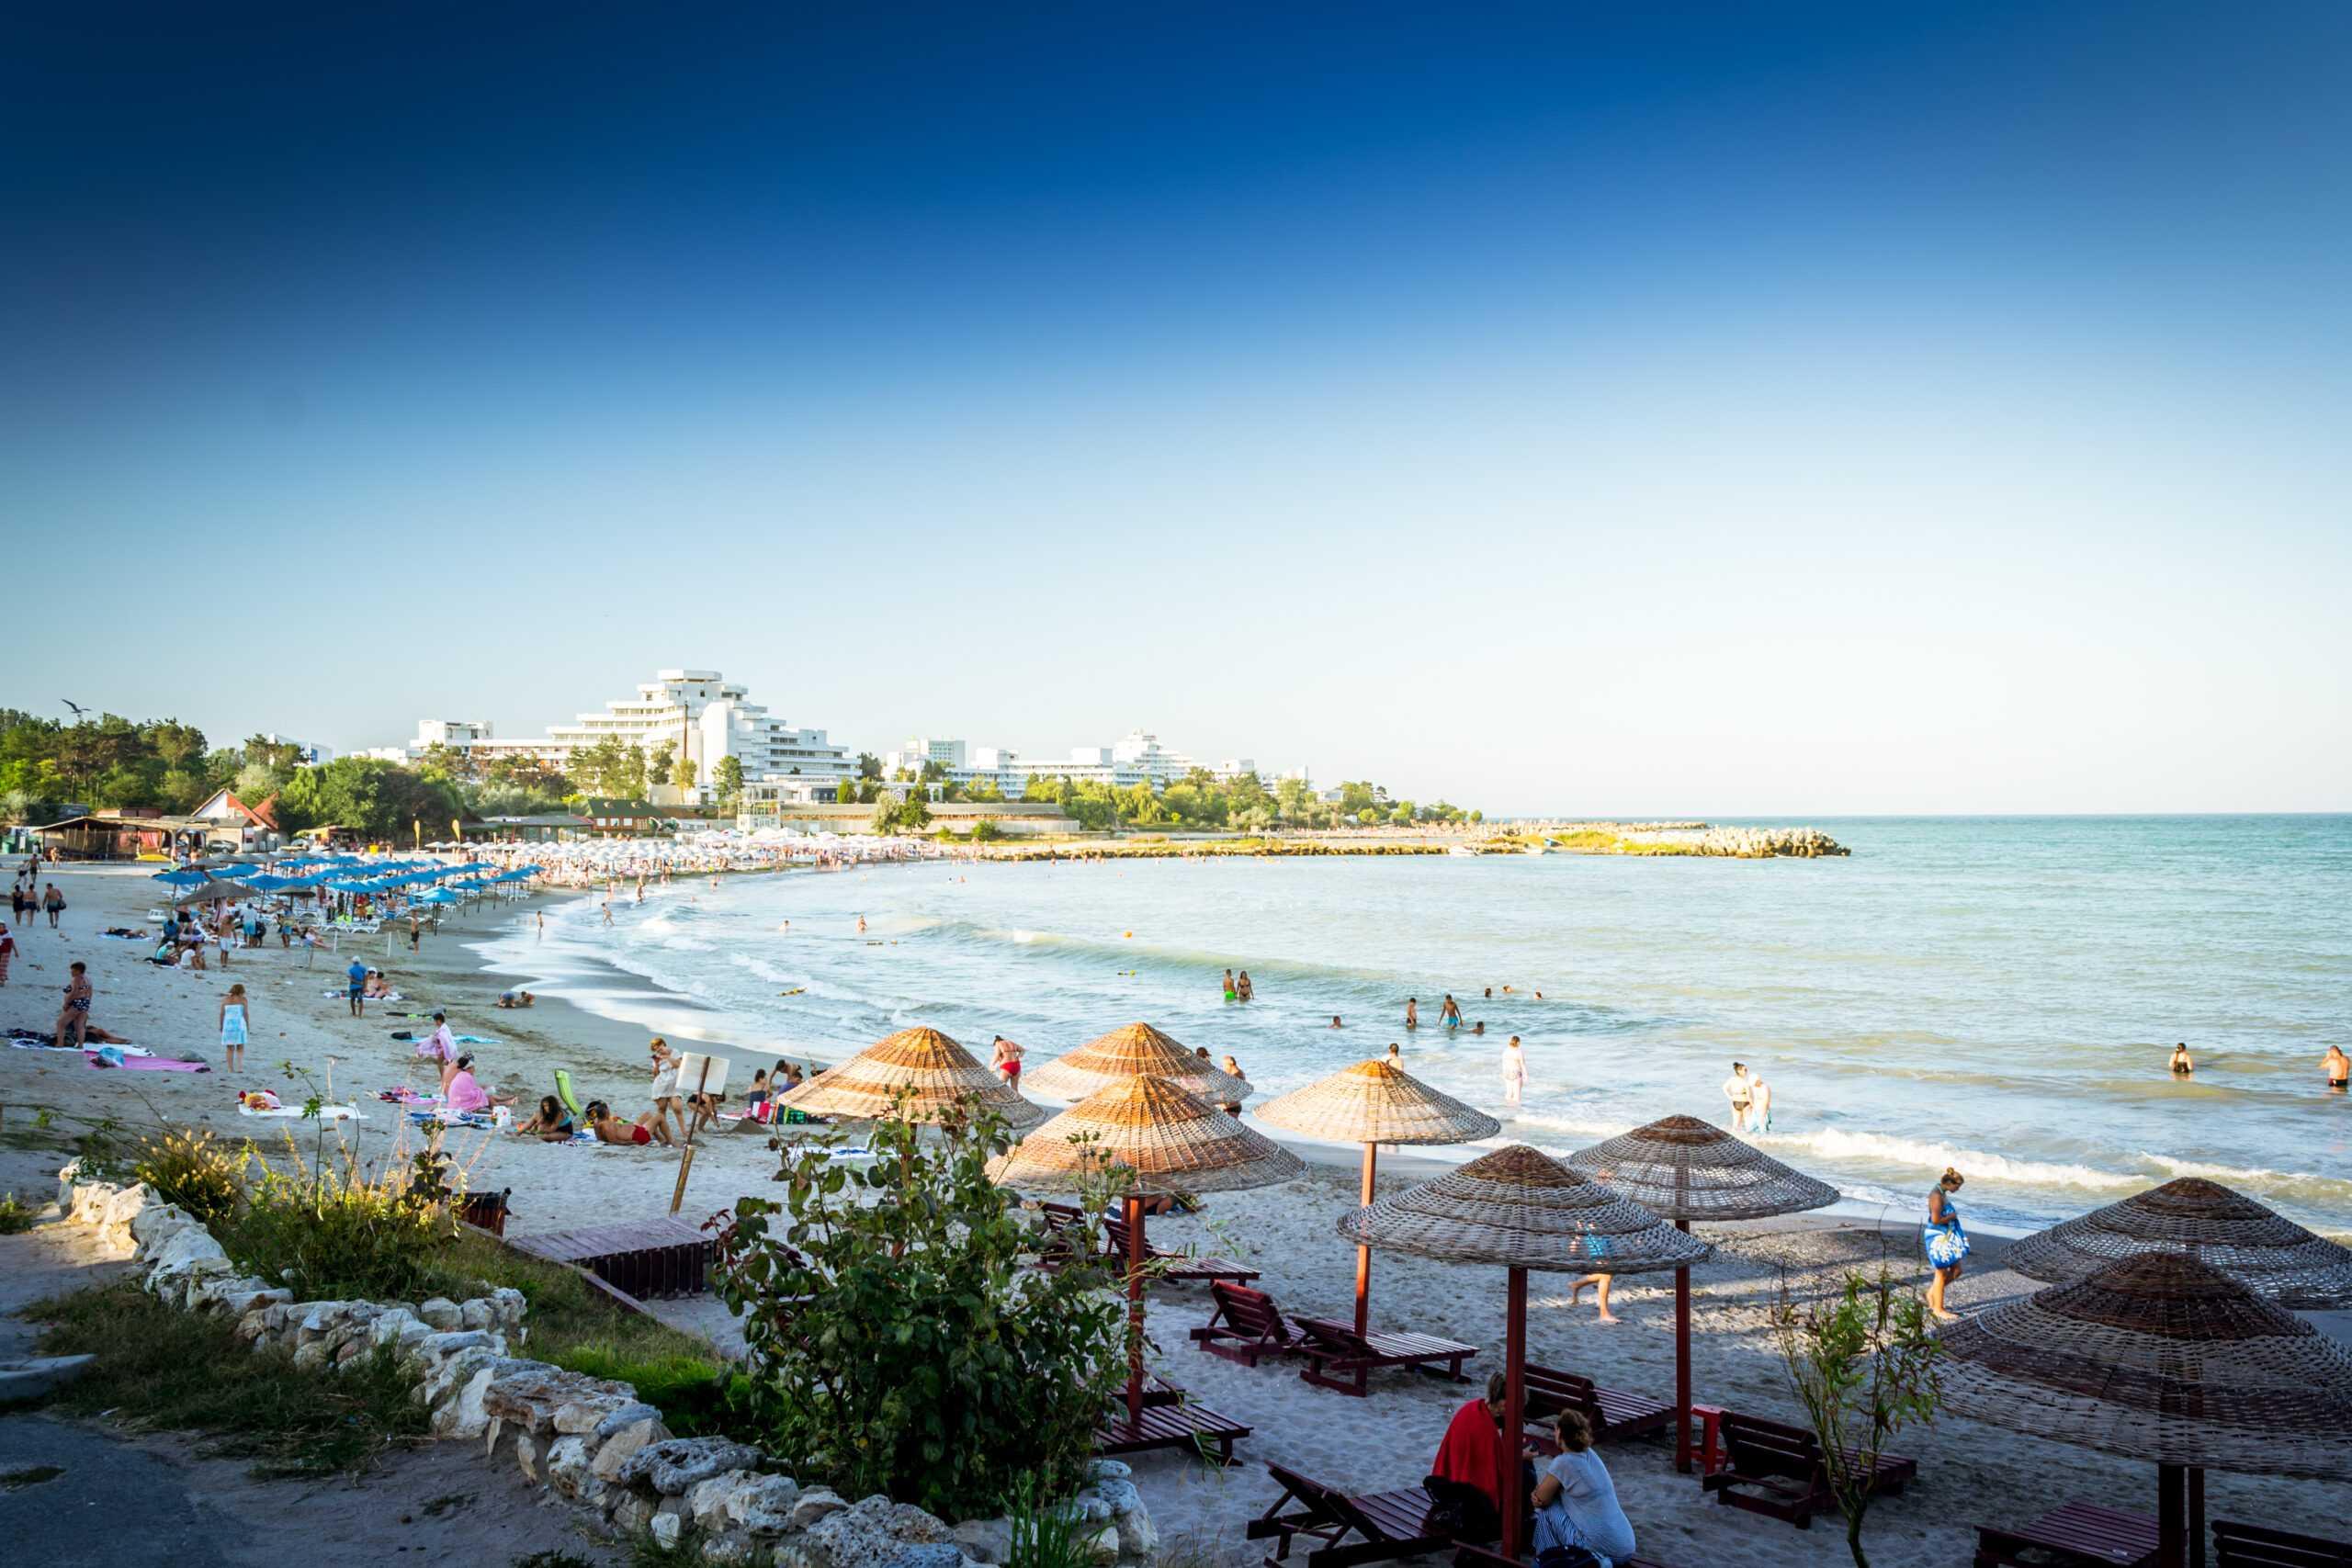 """Se anunță măsuri de urgență pe litoral, după ce numărul cazurilor de COVID-19 a crescut. """"Este o perioadă foarte aglomerată, cu până la 300.000 de turiști zilnic"""""""